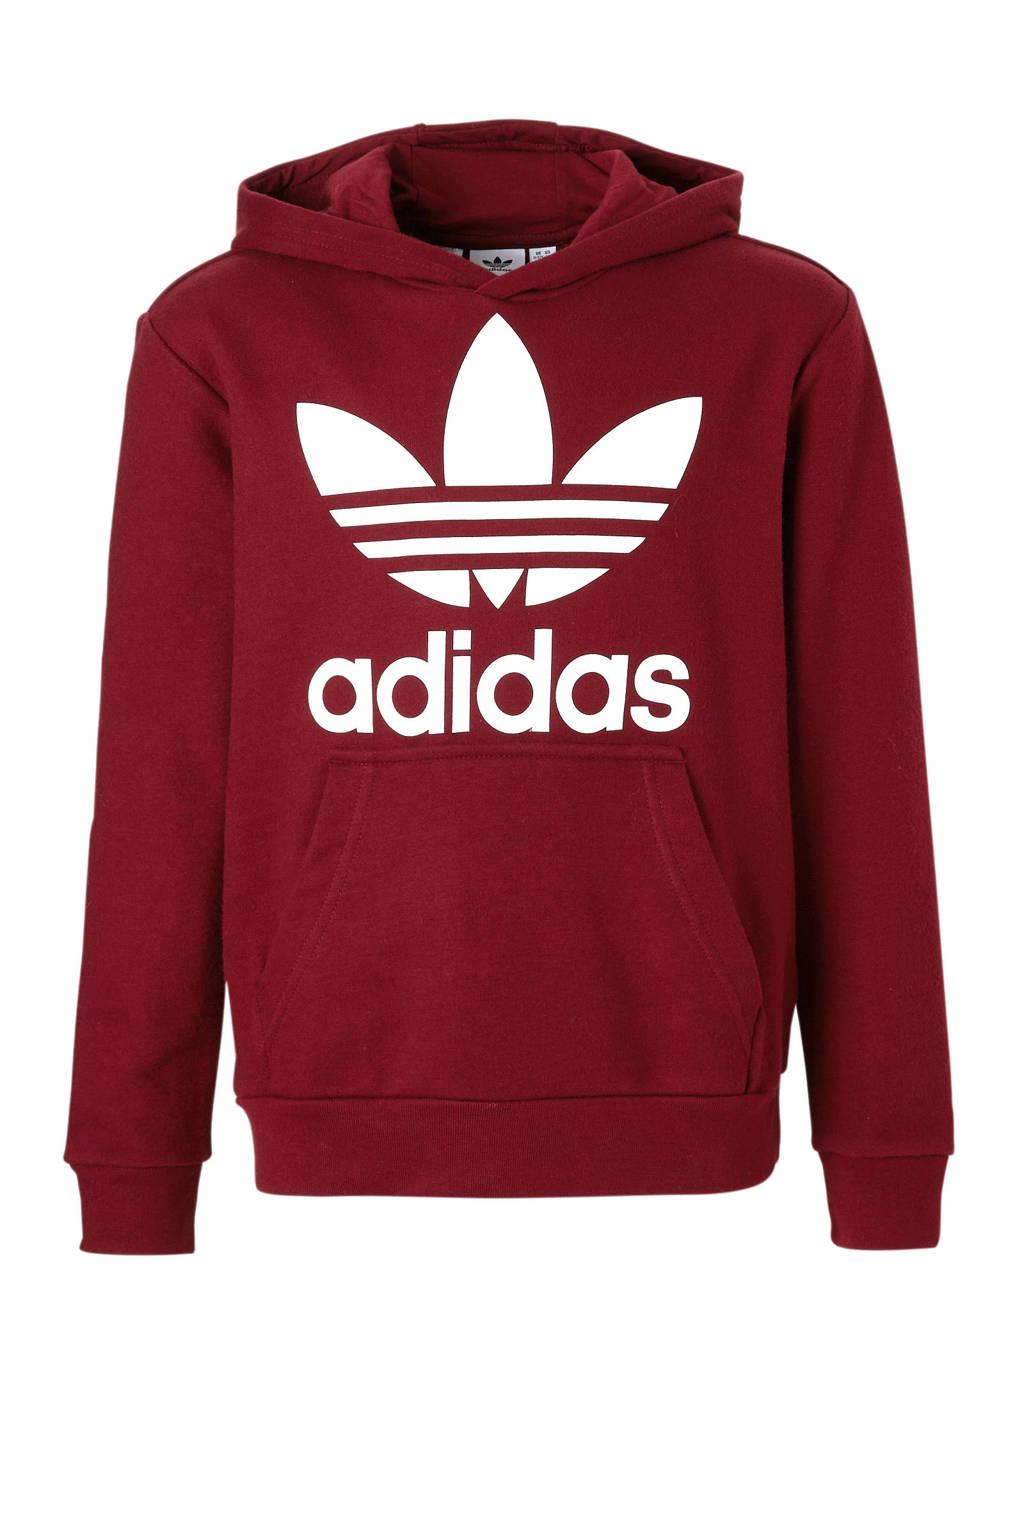 46d8cc2234a adidas originals hoodie bordeauxrood, Donkerrood